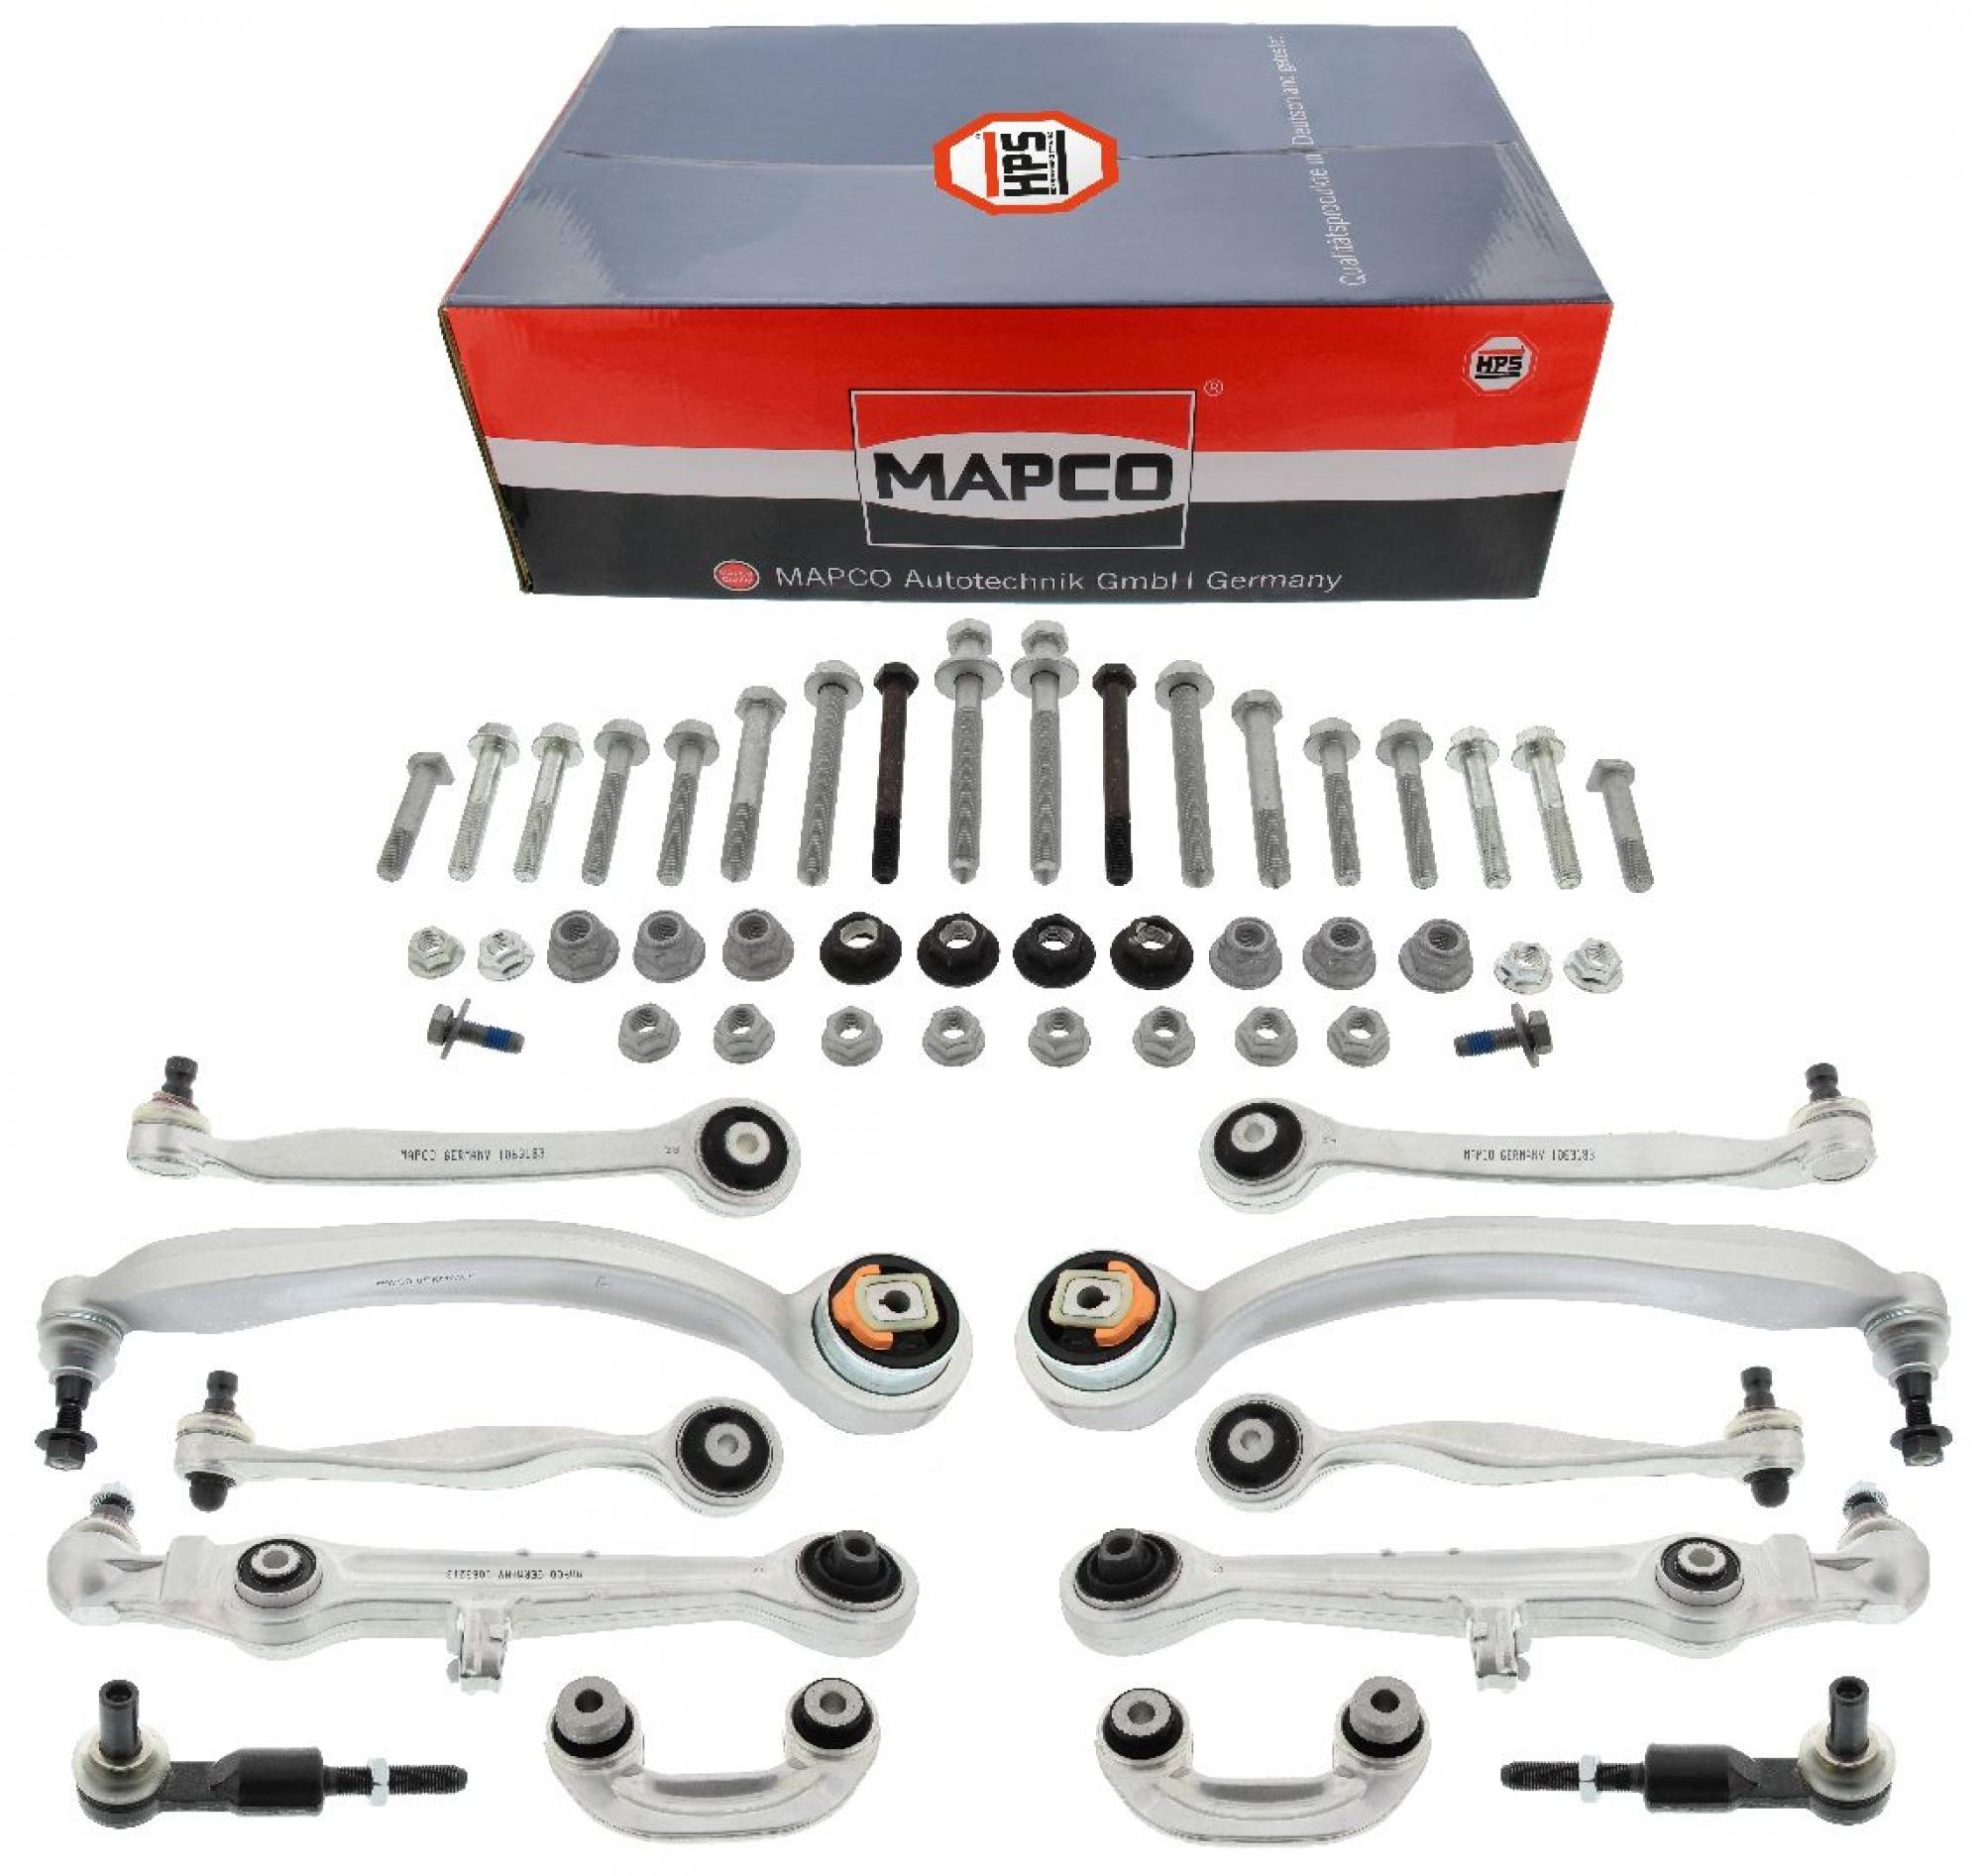 MAPCO 59826/1HPS Querlenkersatz verstärkt VA mit Koppelstangen mit Schraubensatz